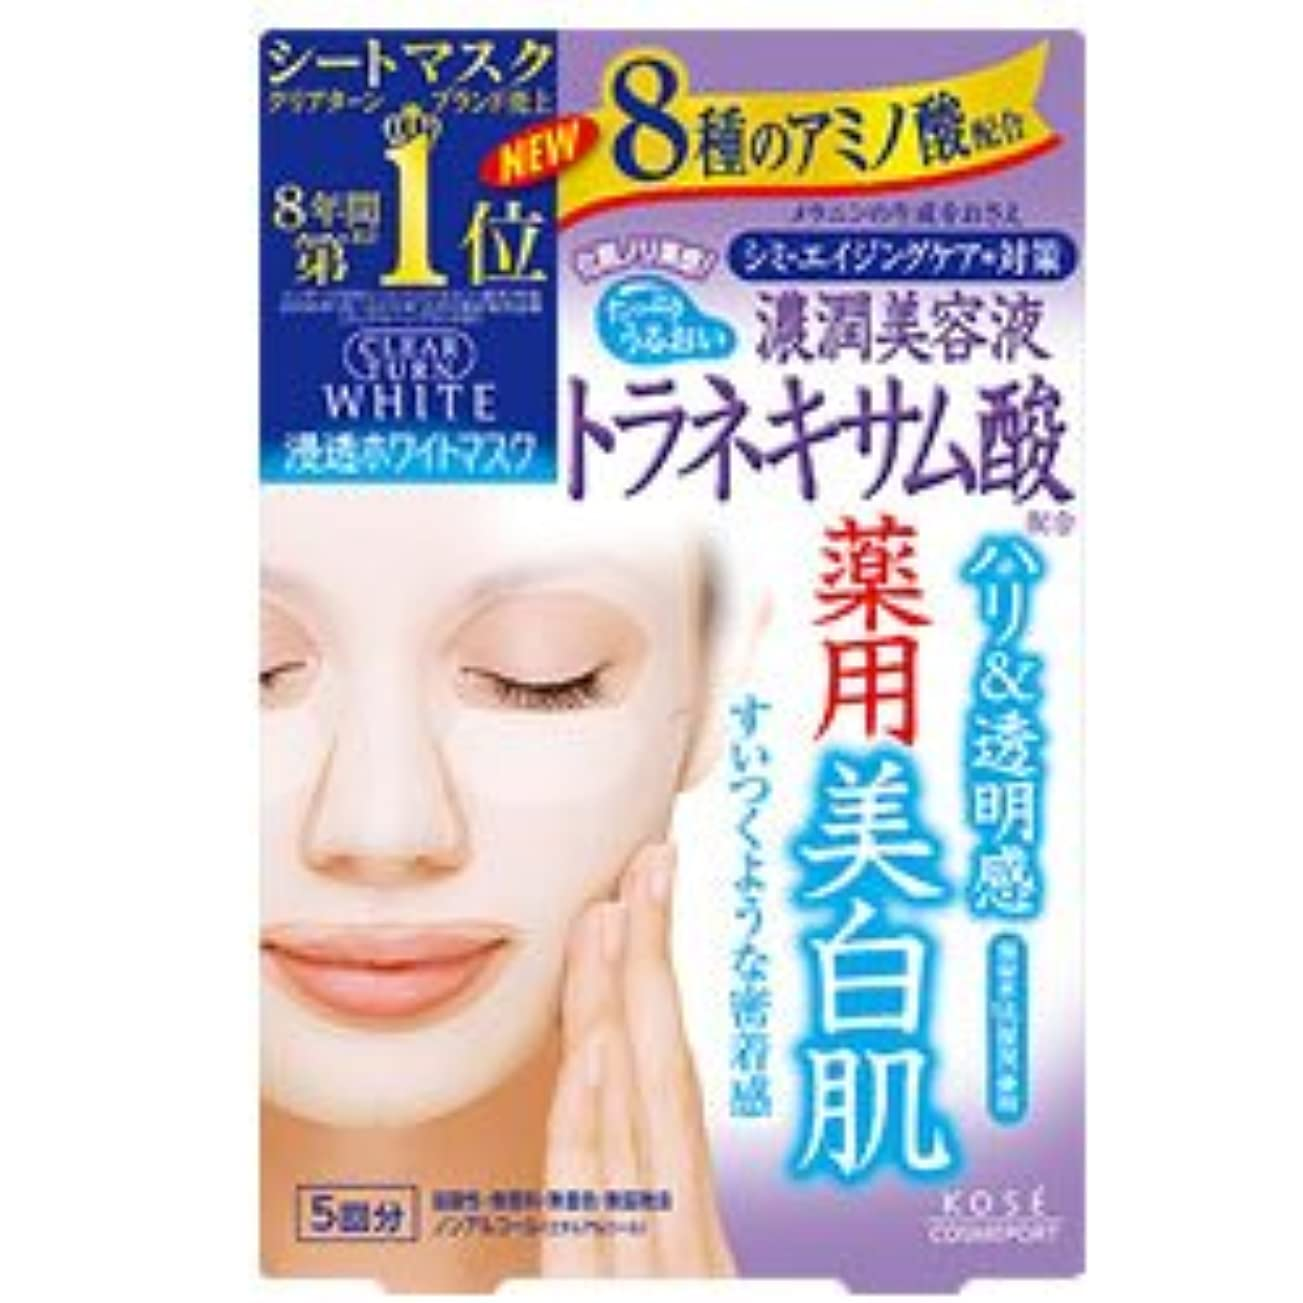 バブル銛スプレー【コーセーコスメポート】クリアタ-ン ホワイトマスク トラネキサム酸 5回分 ×5個セット